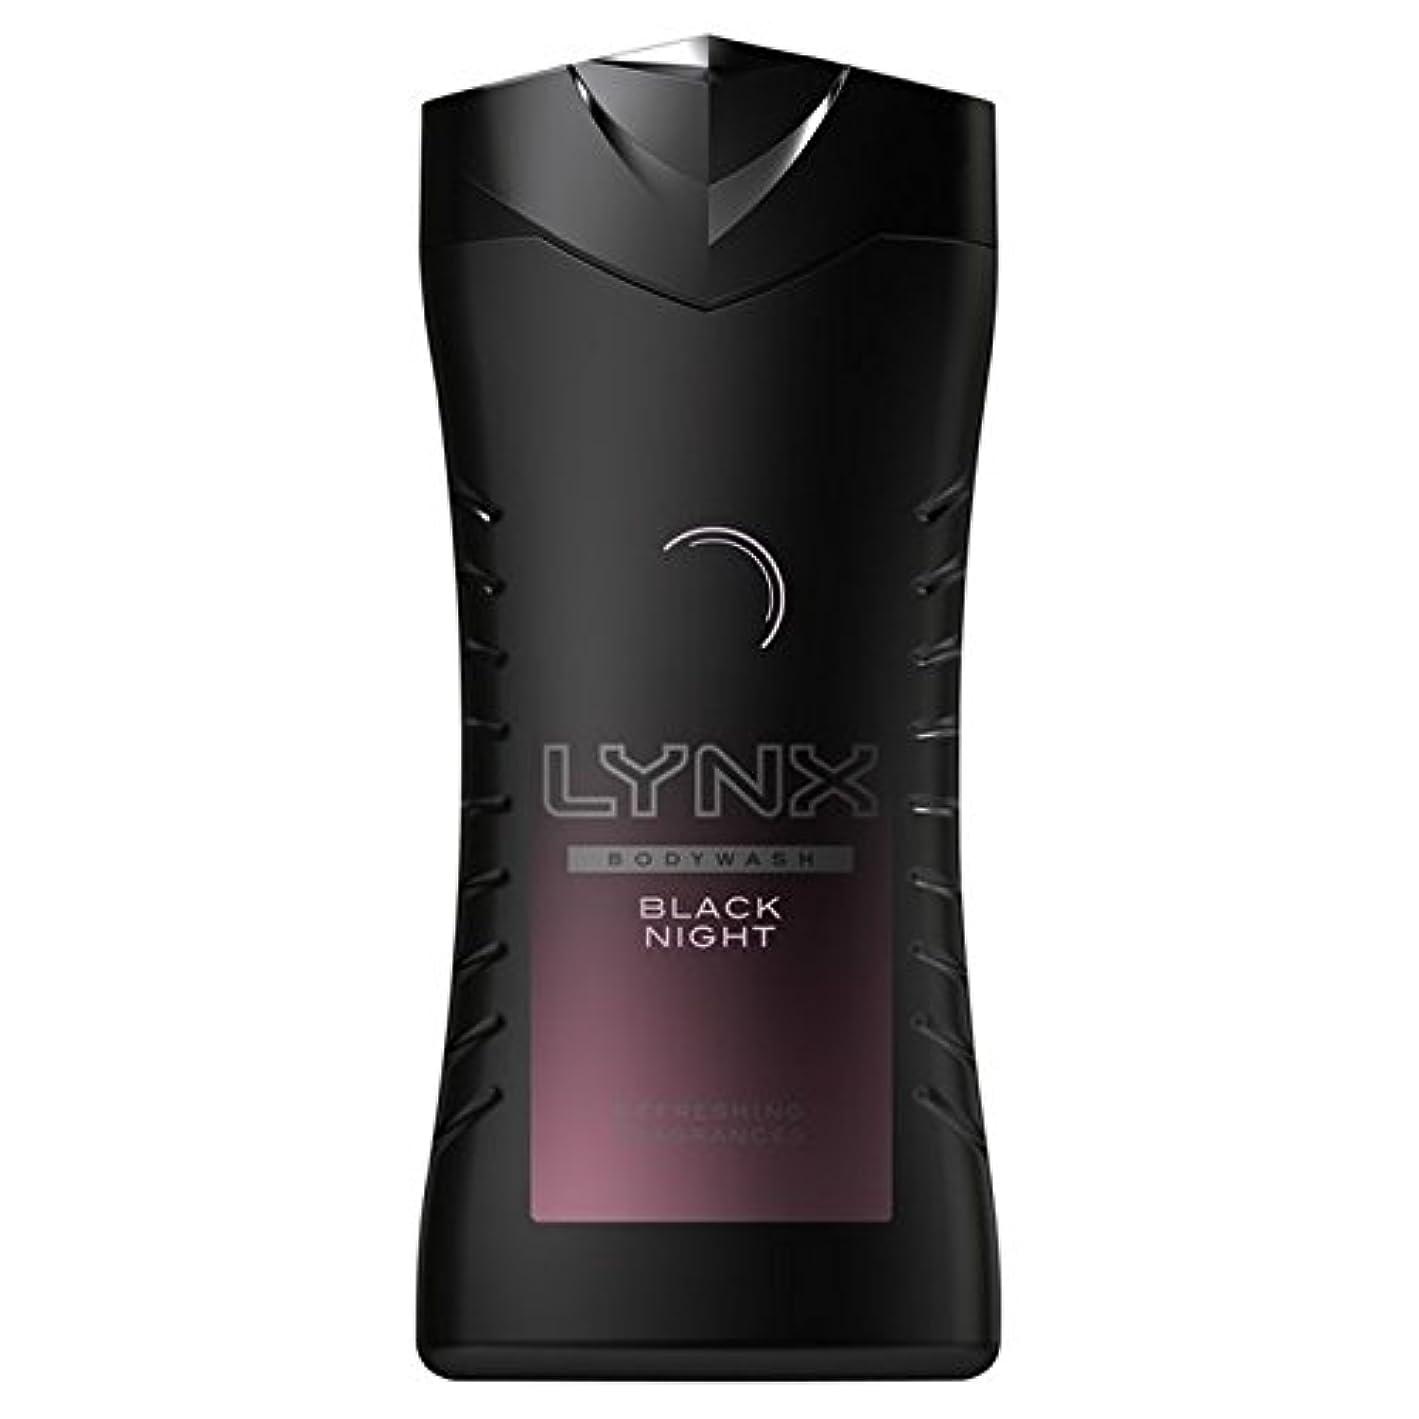 実質的りんご条件付きLynx Black Night Shower Gel 250ml (Pack of 6) - オオヤマネコ黒夜シャワージェル250ミリリットル x6 [並行輸入品]